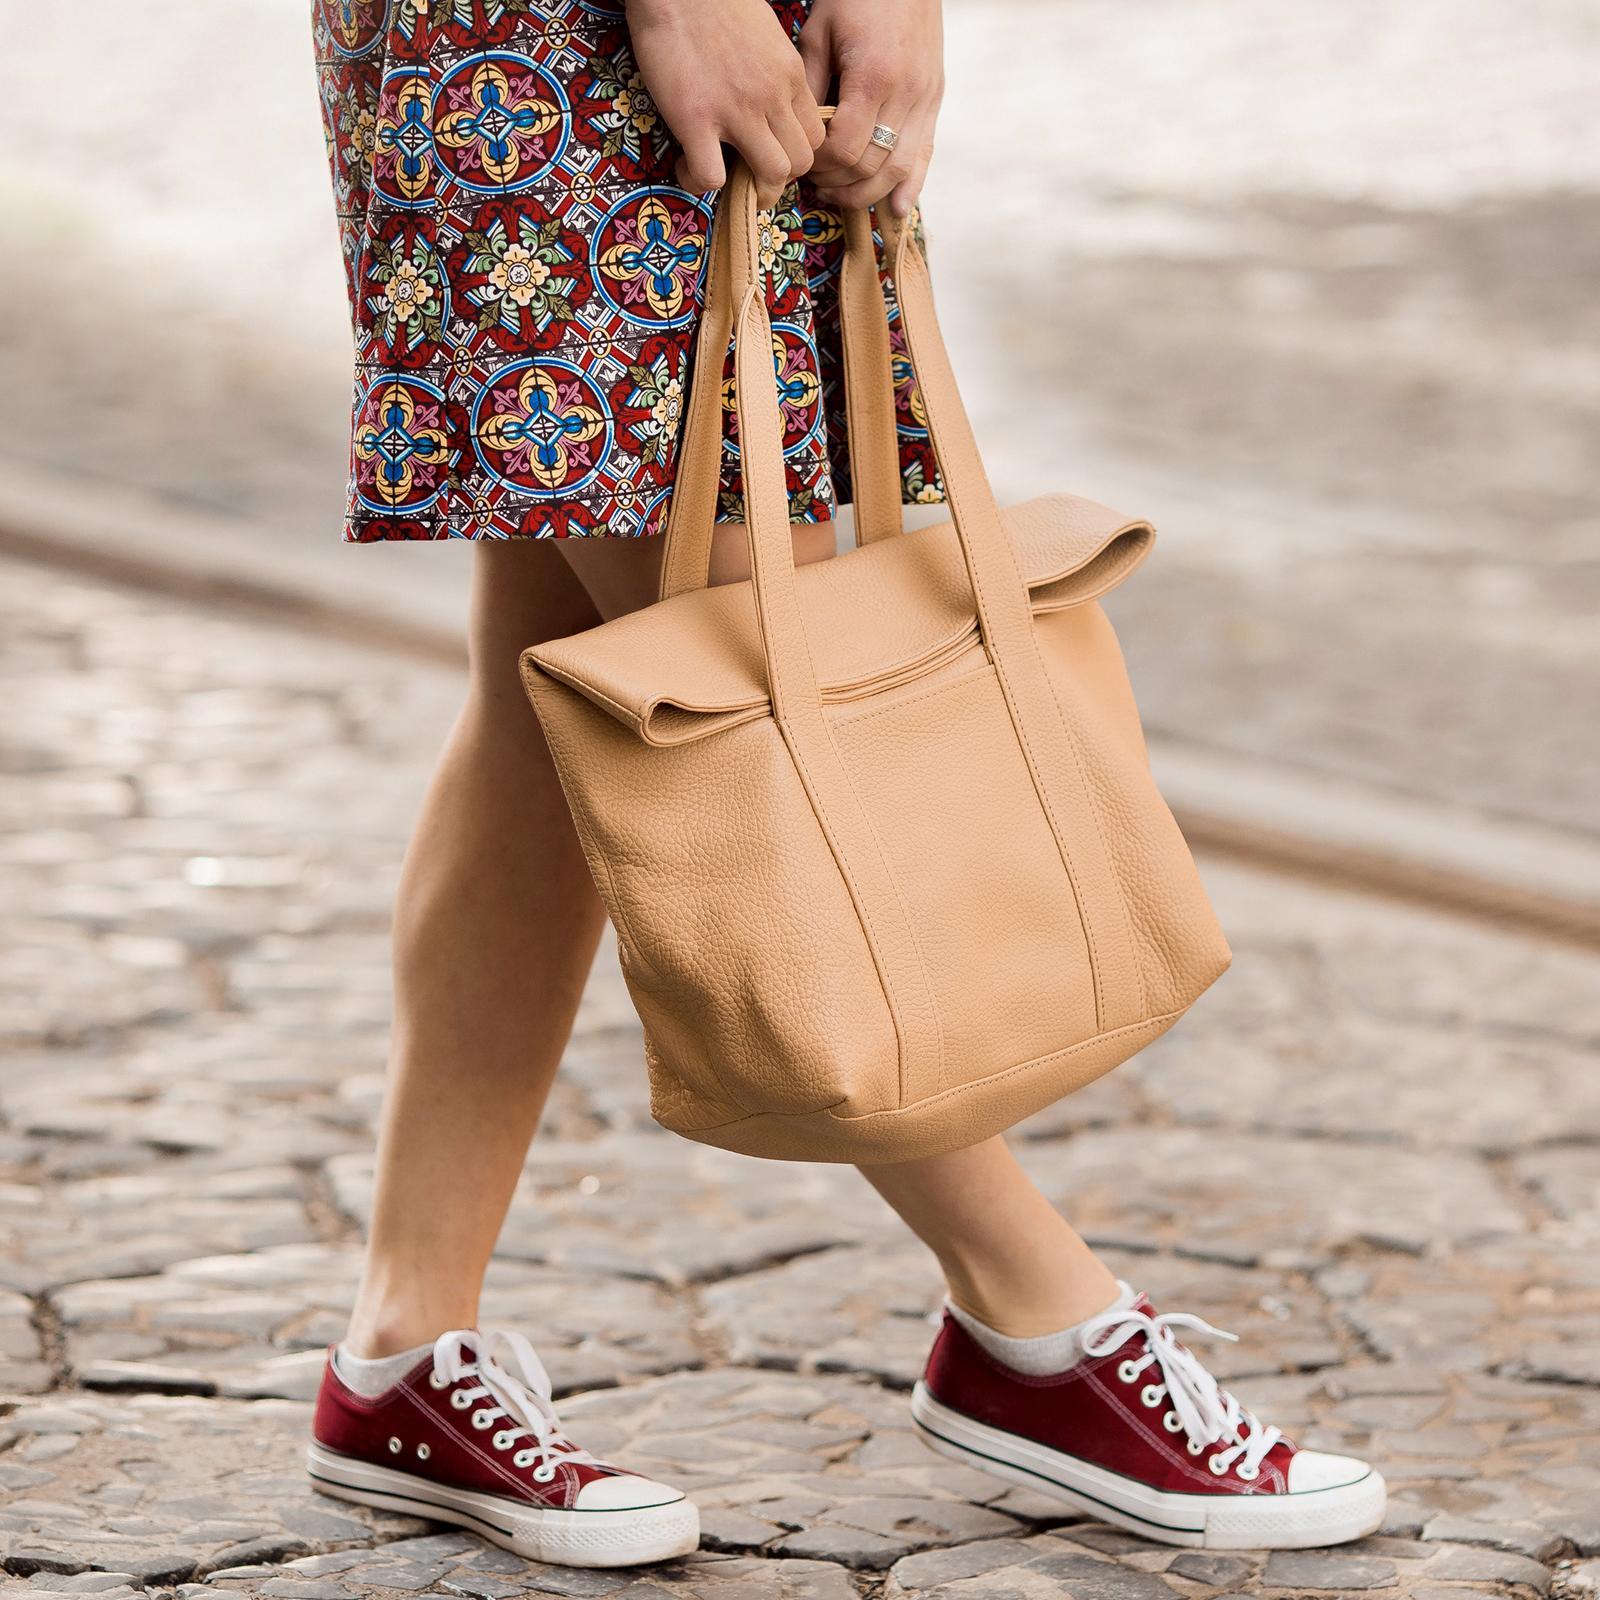 Фото: сумка беж з високоякісної шкіри